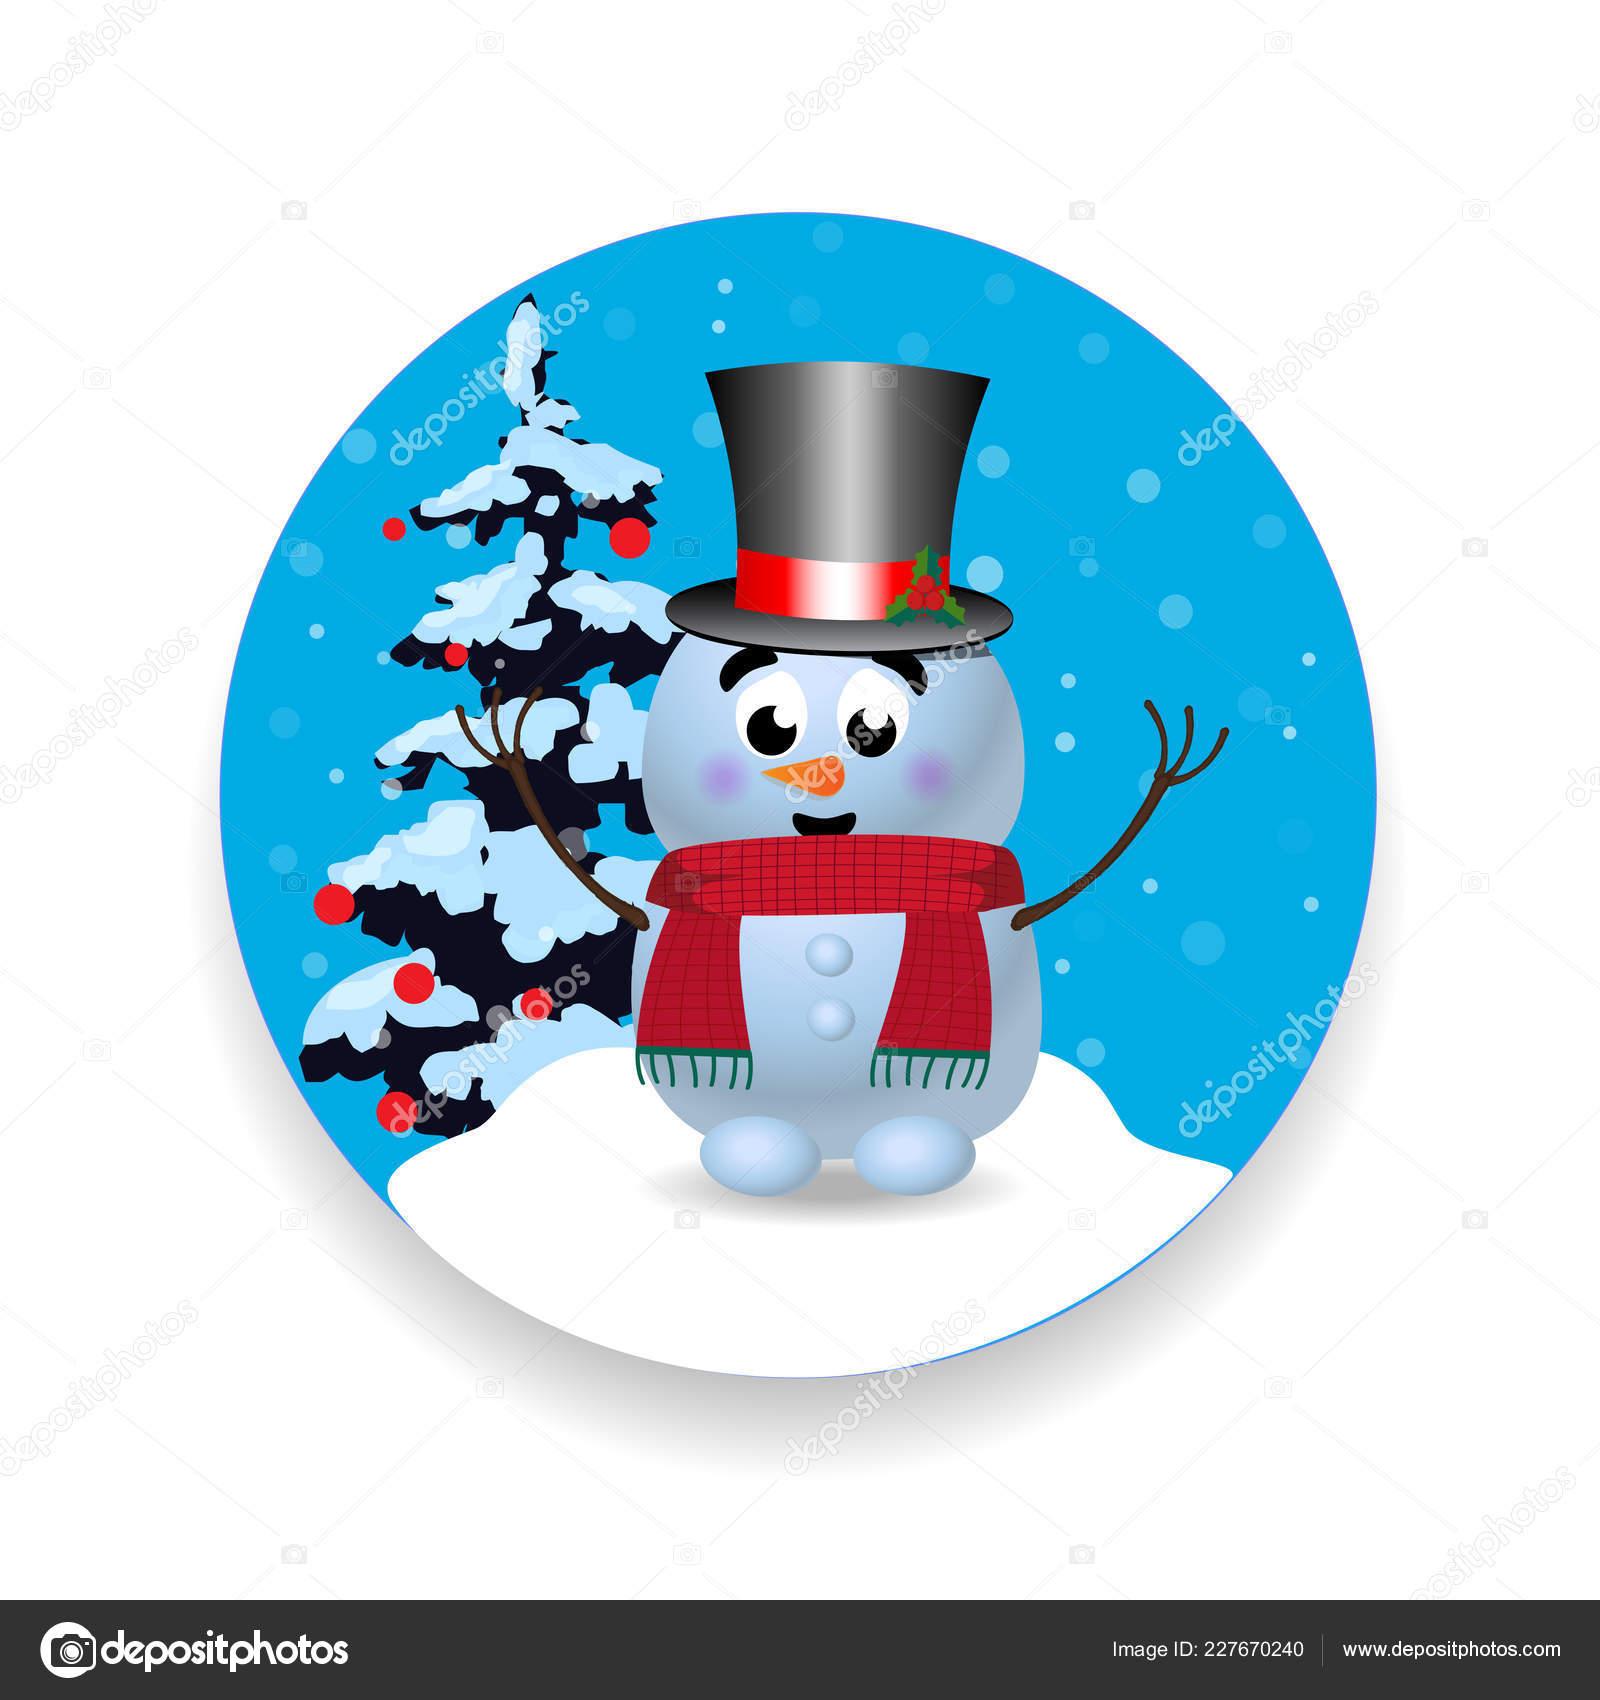 Weihnachten Neujahr Runde Zeichen Symbol Mit Niedlichen Cartoon